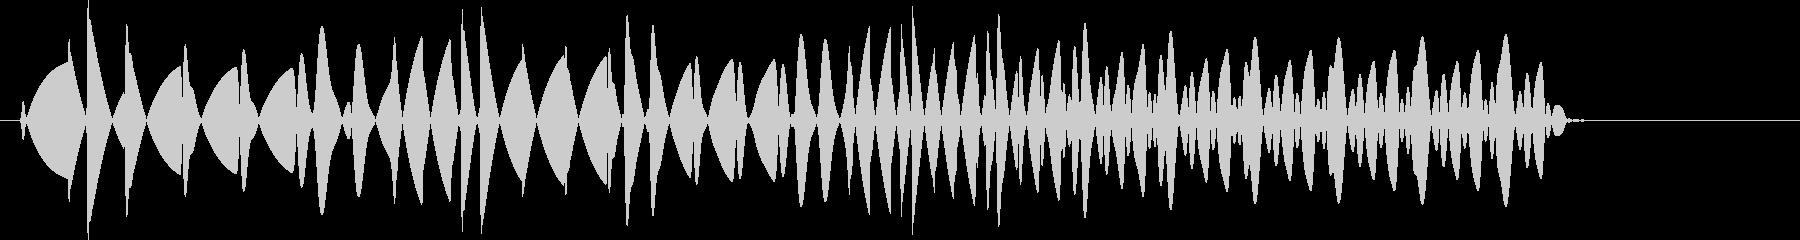 ビロロッ(プッシュ音・ボタン音)の未再生の波形